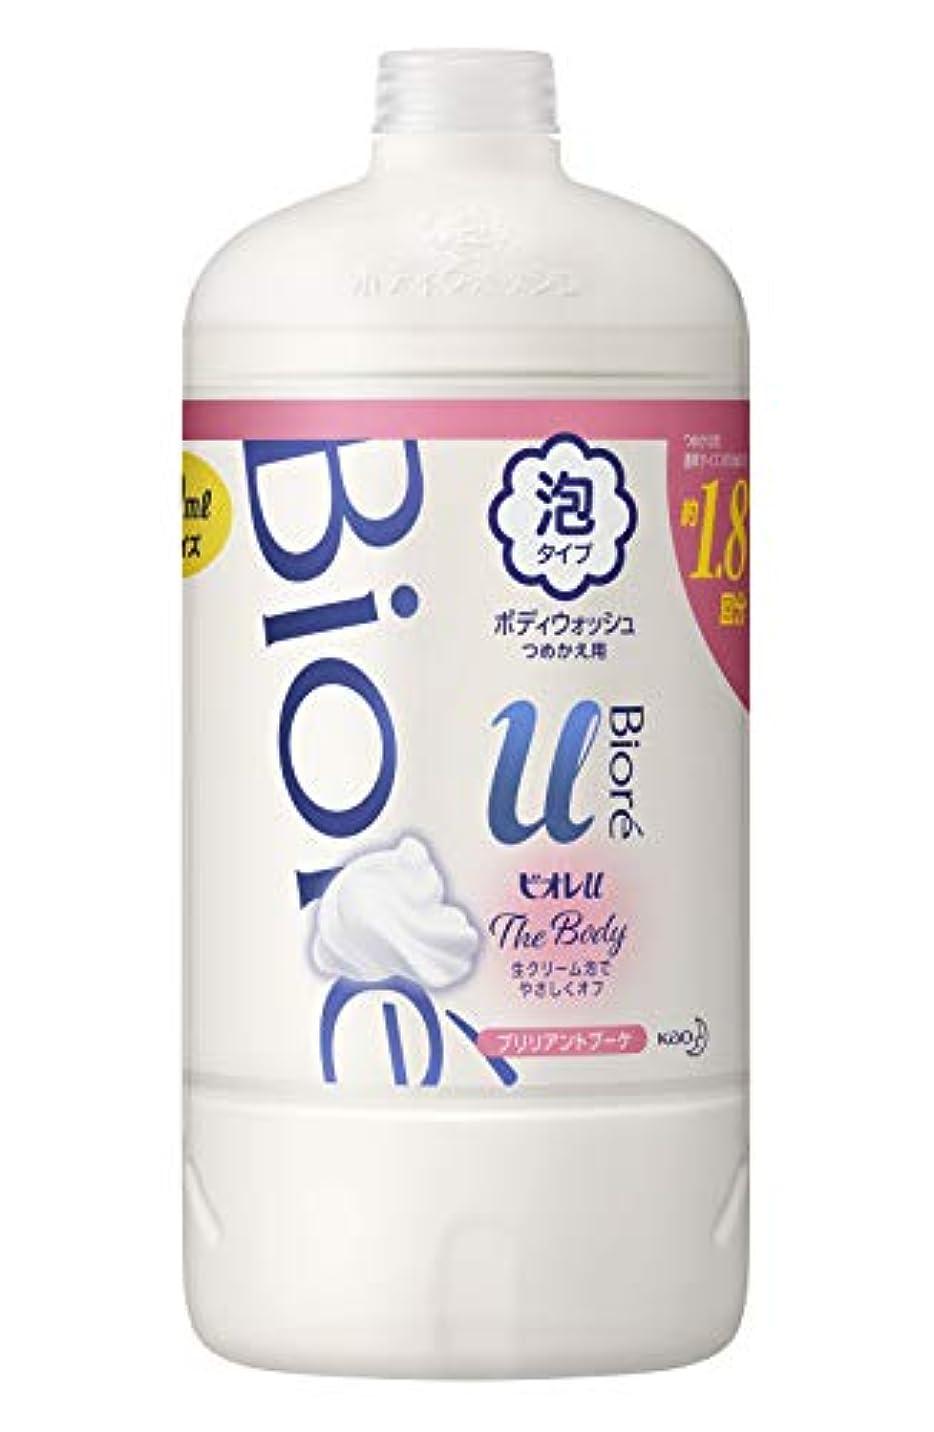 辛い高める第九【大容量】 ビオレu ザ ボディ 〔 The Body 〕 泡タイプ ブリリアントブーケの香り つめかえ用 800ml 「高潤滑処方の生クリーム泡」